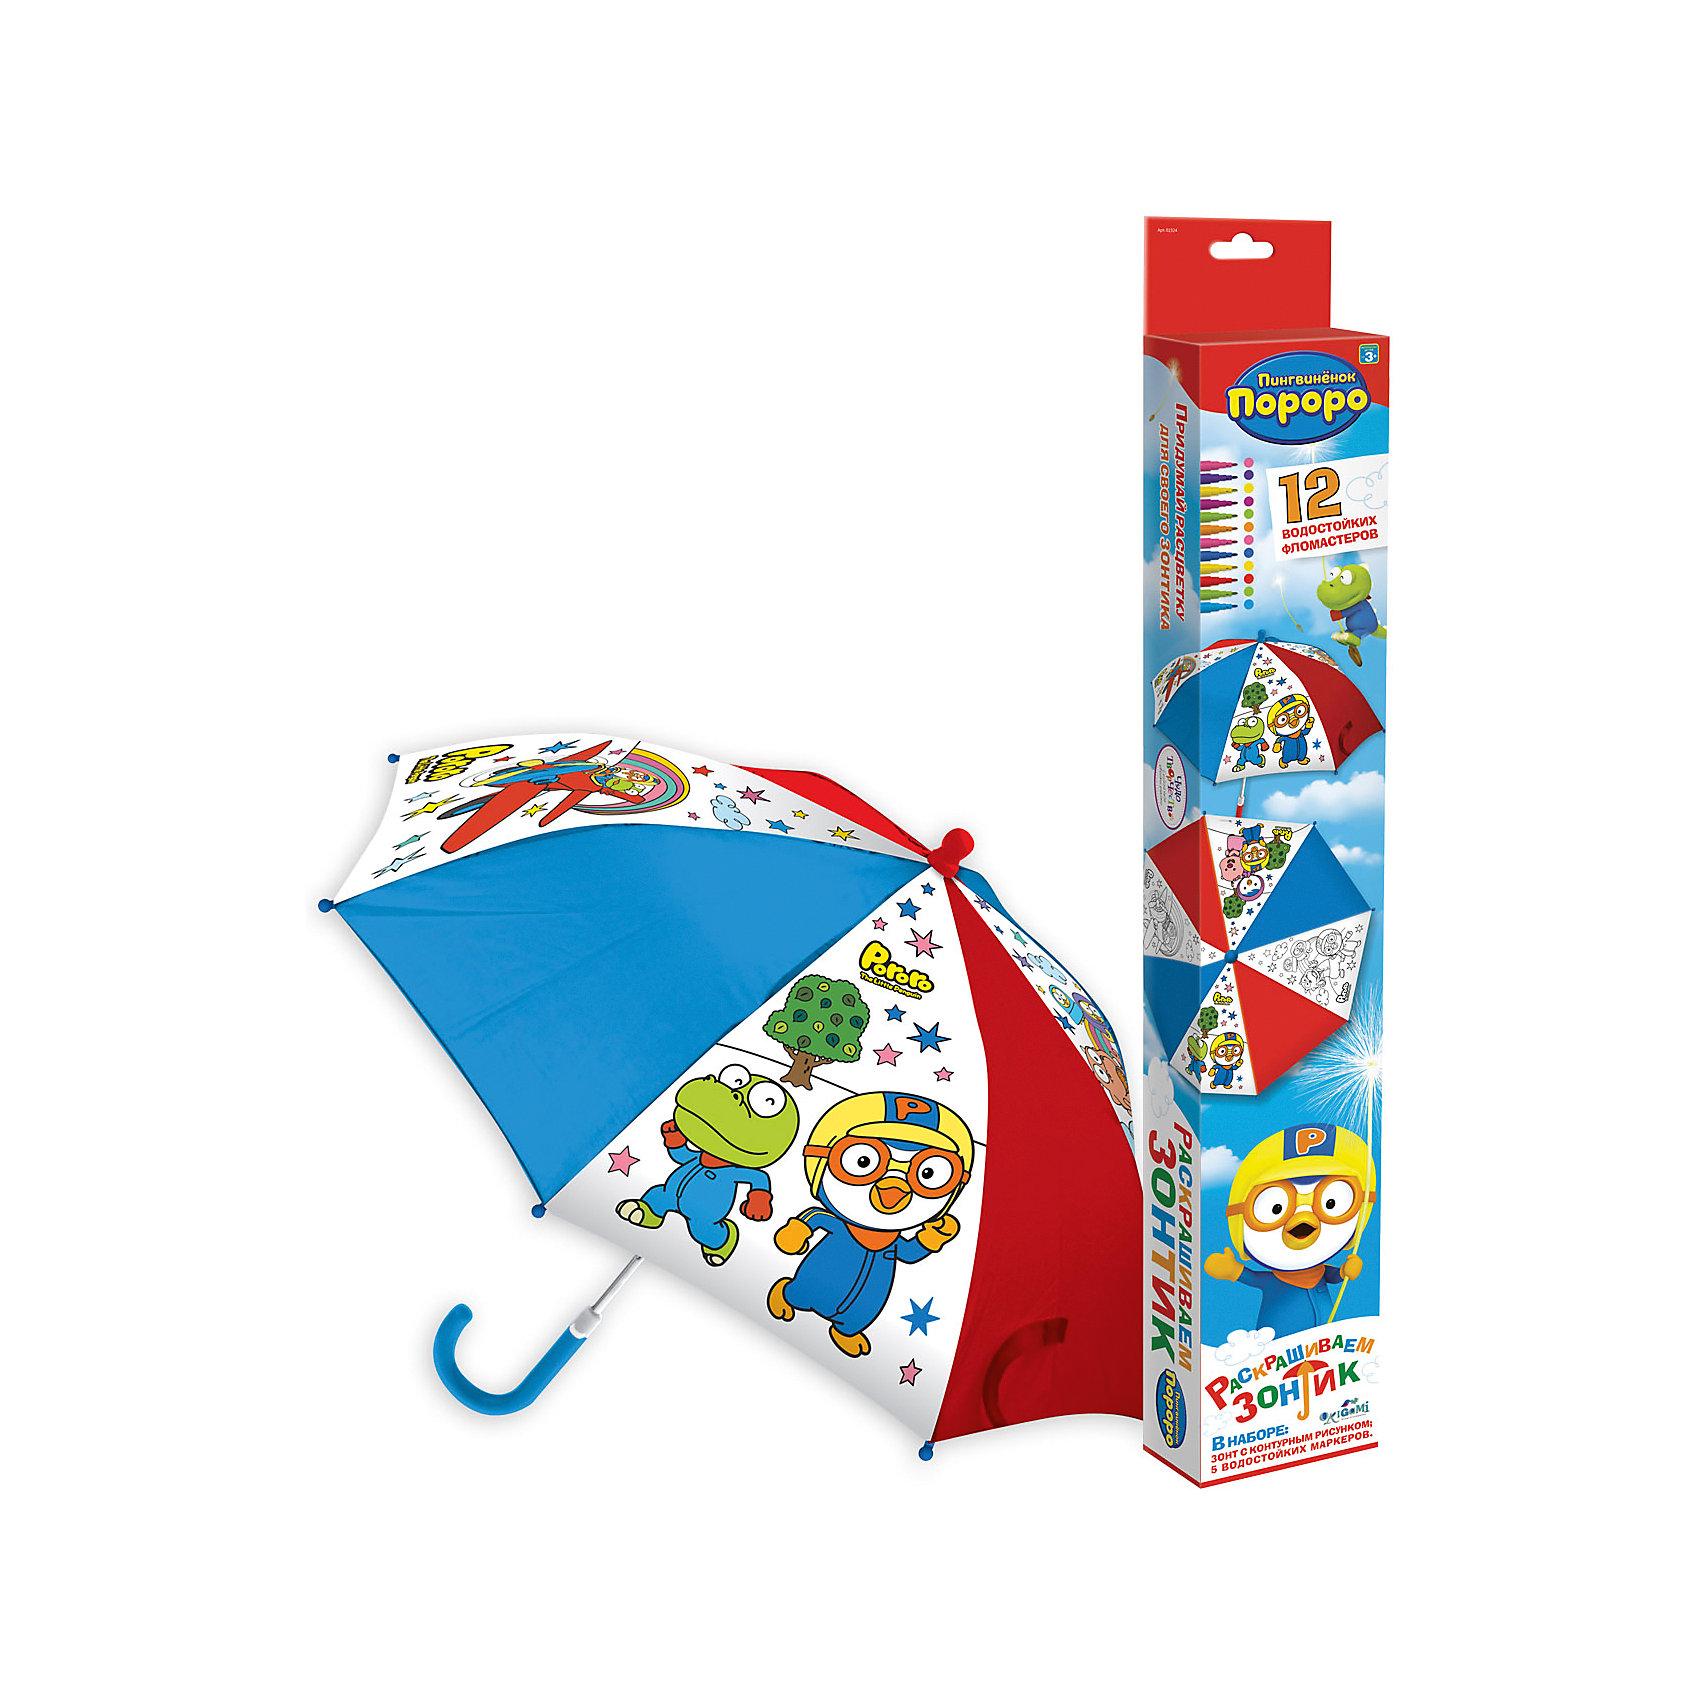 Зонтик для раскрашивания Пингвиненок ПоророЗонтик для раскрашивания Пингвиненок Пороро от марки Origami<br><br>Отличный подарок для ребенка - зонтик с изображением любимых героев из мультфильма. Это яркий красивый аксессуар и платформа для творчества. Ребенок может сам раскрашивать изображения с помощью водостойких маркеров. В процессе развивается фантазия, улучшается мелкую моторику рук и координация движений.<br>Чтобы рисунок сохранялся долго и не растекался, ткань зонтика пропитана специальным составом. Нужно лишь подождать пару часов после раскрашивания - и зонтом можно пользоваться! Набор сделан из безопасных для ребенка материалов.<br><br>Особенности изделия:<br><br>диаметр - 67 см;<br>длина ручки - 56 см;<br>цвет - разноцветный;<br>механизм раскрытия  - не автоматический;<br>упаковка - картонная коробка;<br>вес - 314 гр;<br>размер упаковки - 65х10х5 см;<br>стойкие маркеры;<br>специальная пропитка ткани на зонте.<br><br>Комплектация: <br><br>зонт с контурным рисунком;<br>12 водостойких маркеров.<br><br>Зонтик для раскрашивания Пингвиненок Пороро от марки Origami можно купить в нашем магазине.<br><br>Ширина мм: 50<br>Глубина мм: 650<br>Высота мм: 100<br>Вес г: 314<br>Возраст от месяцев: 48<br>Возраст до месяцев: 144<br>Пол: Унисекс<br>Возраст: Детский<br>SKU: 4658539